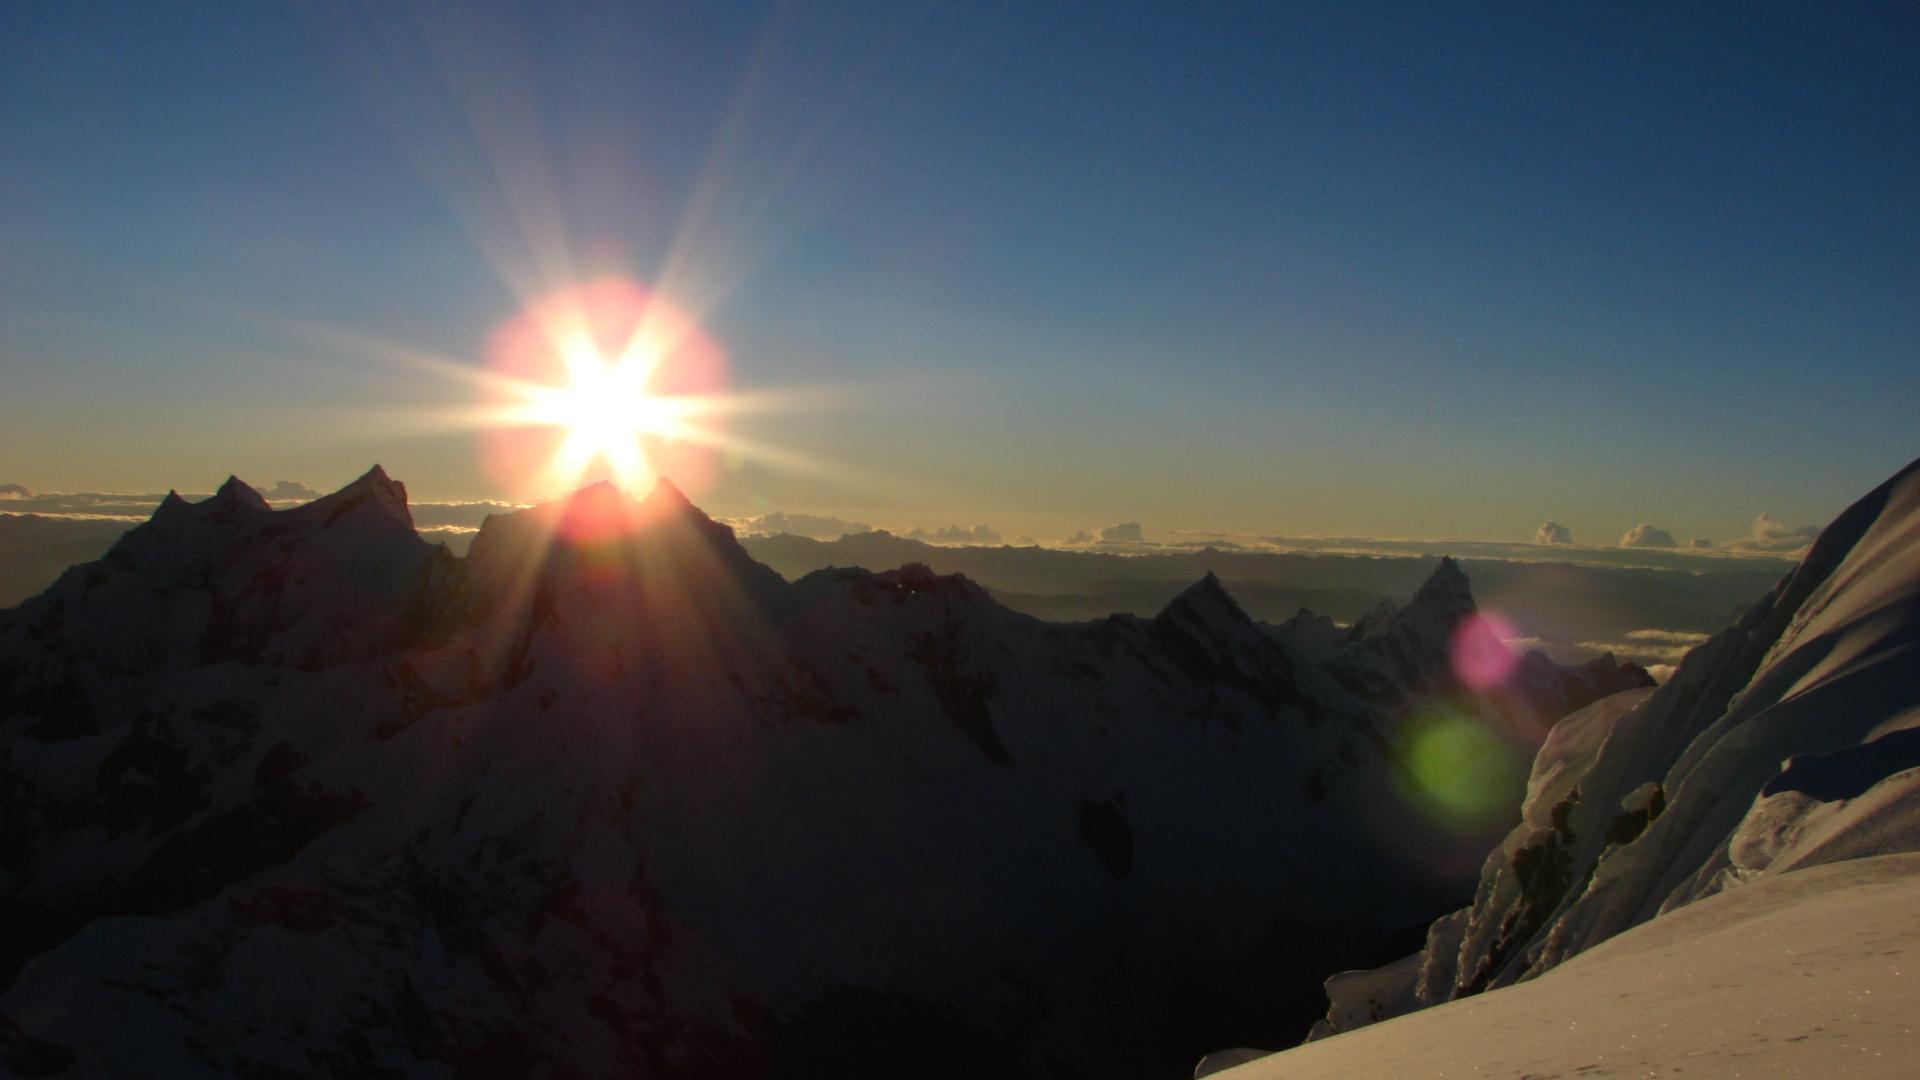 Ivo_Meier_Alpen 4000er Wallis Monte Rosa Leidenschaft_Sonne